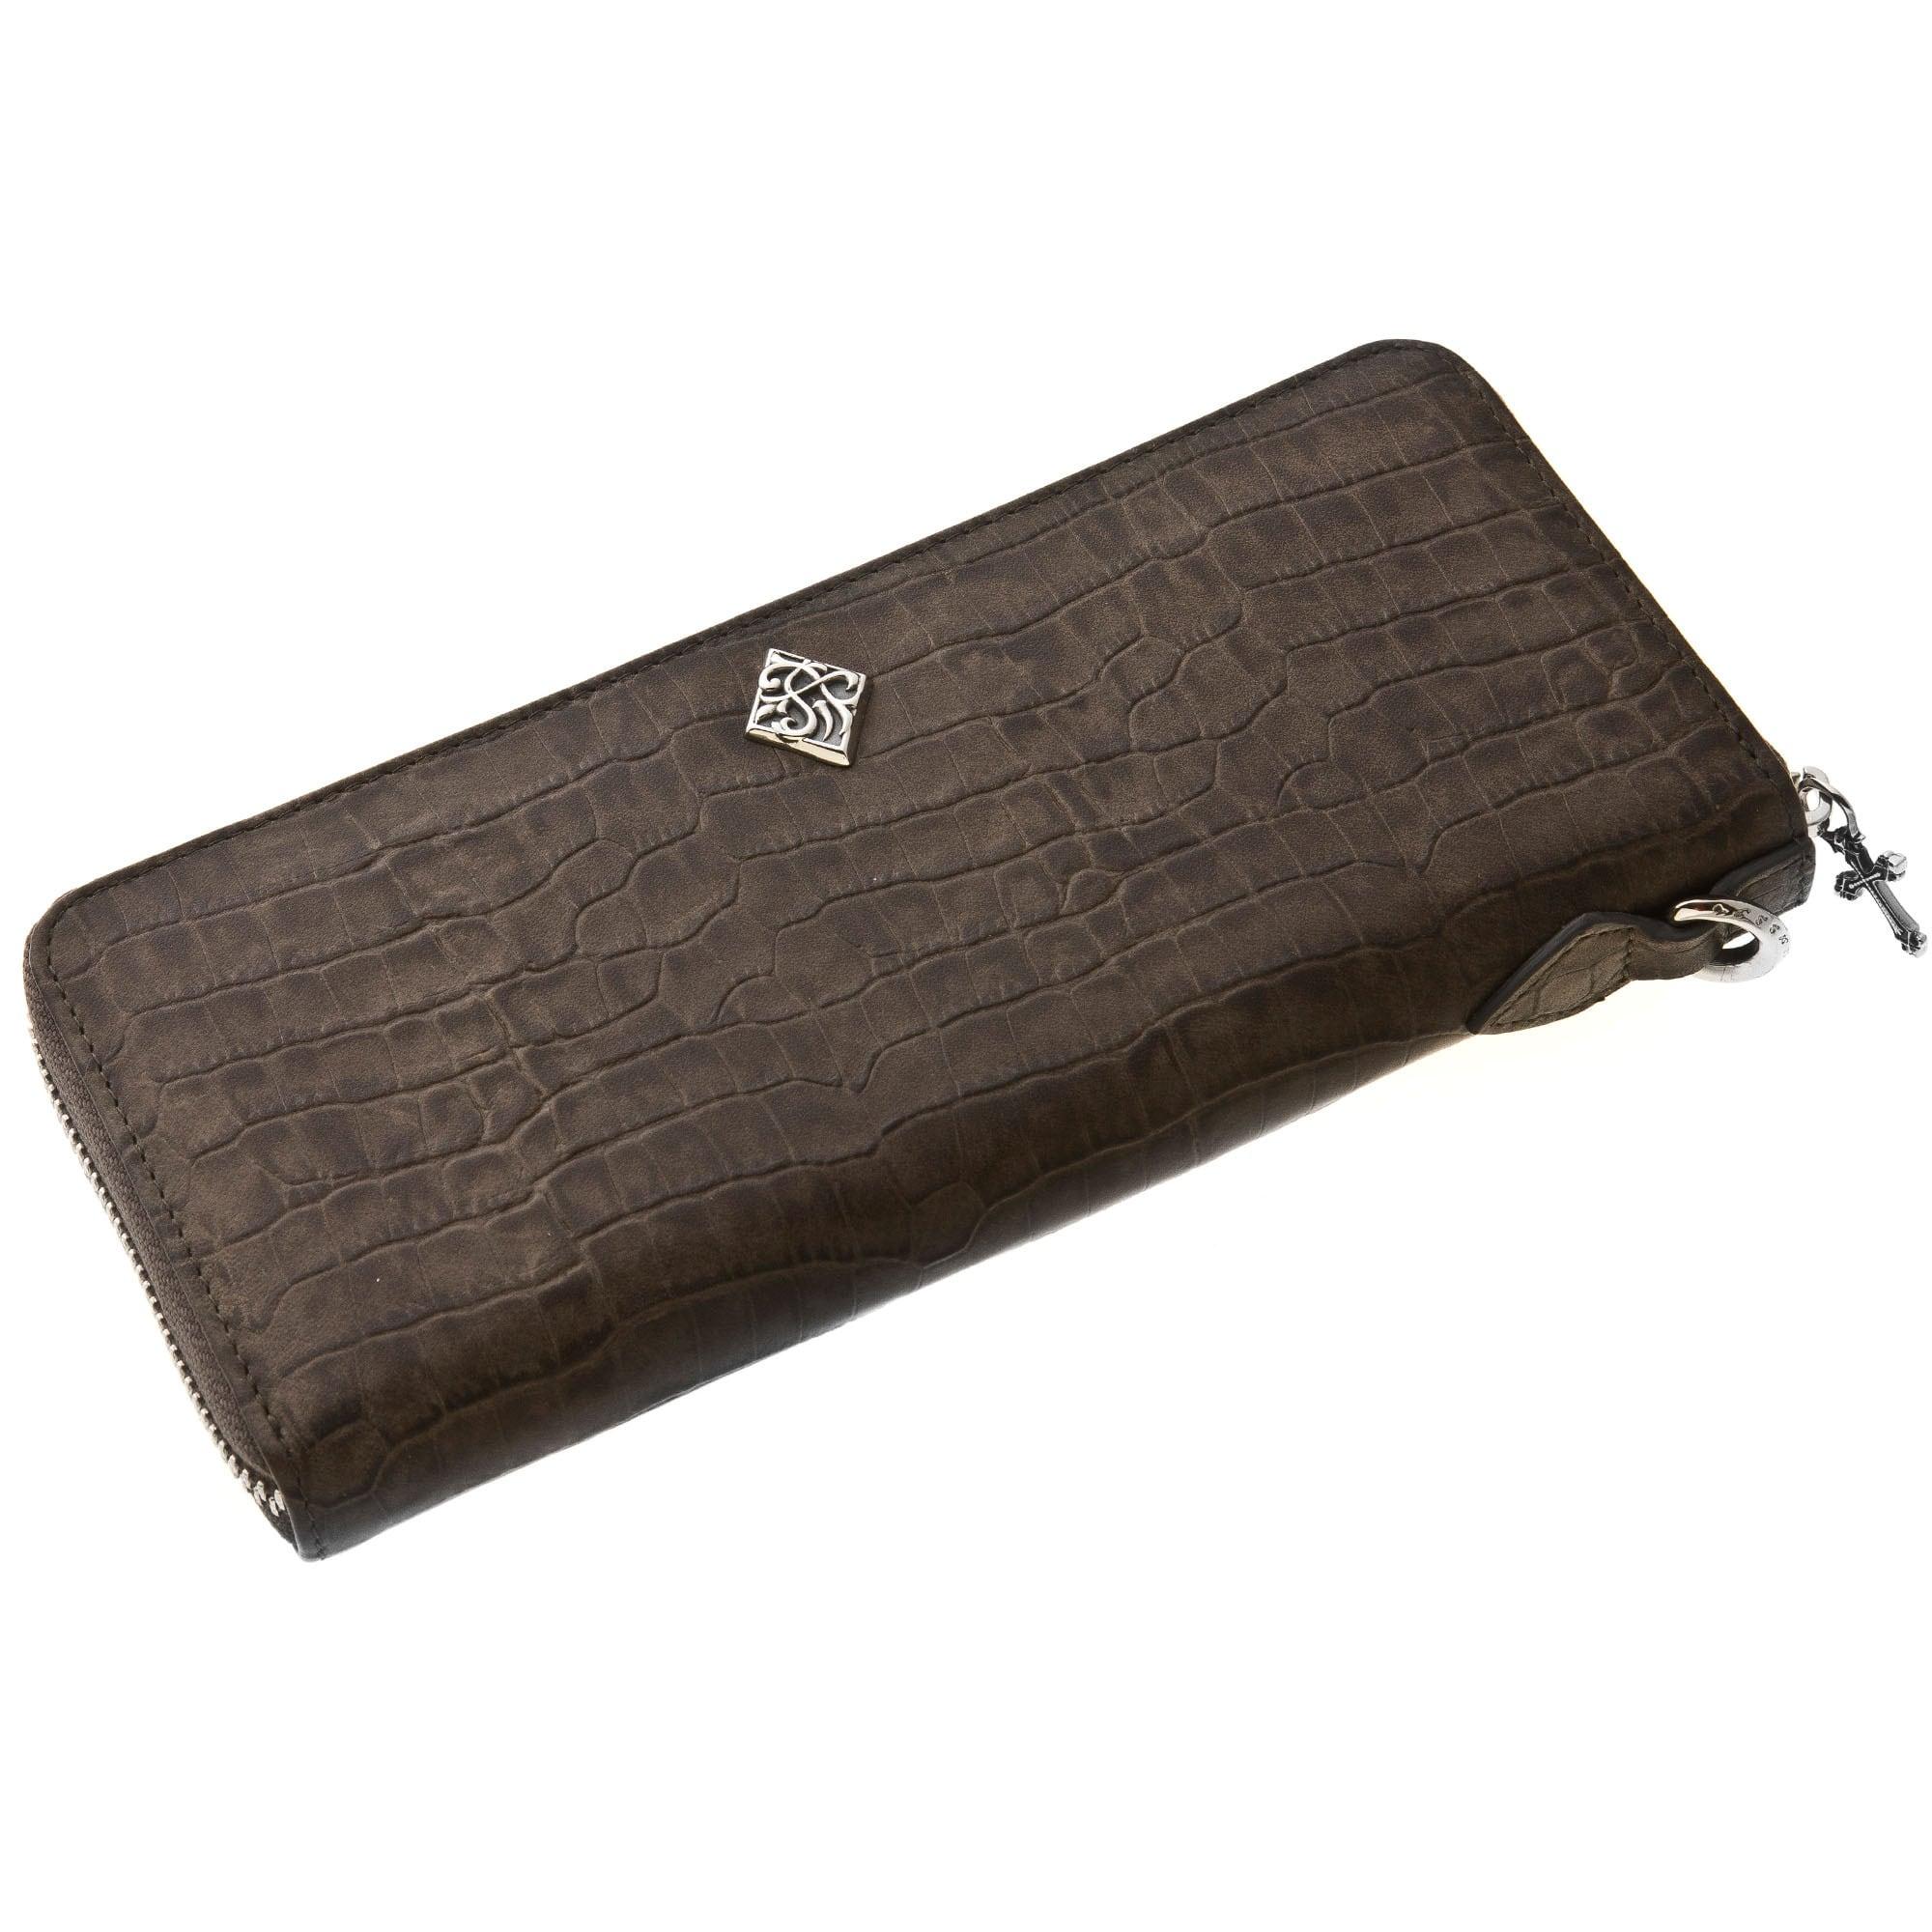 エンボスグレークロコスタイルジップウォレット ACW0010 Embossed gray crocodile zip wallet